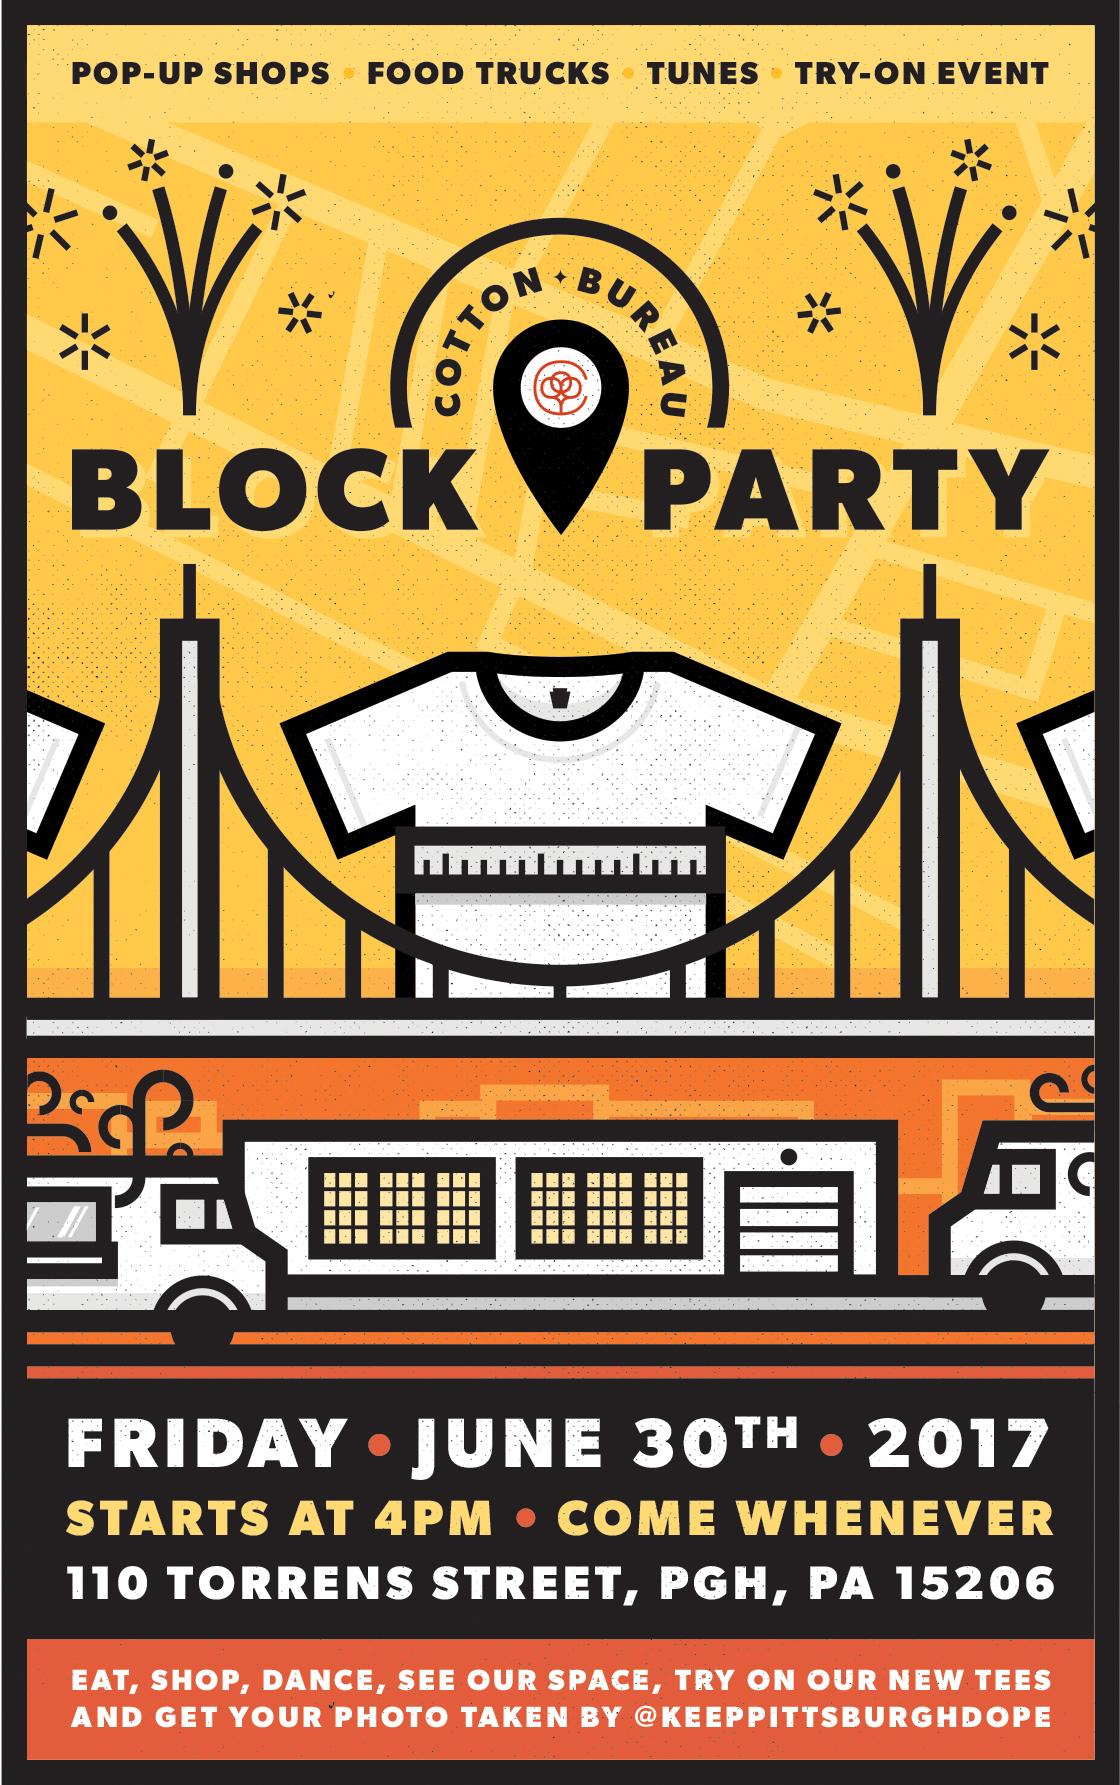 The Cotton Bureau Block Party